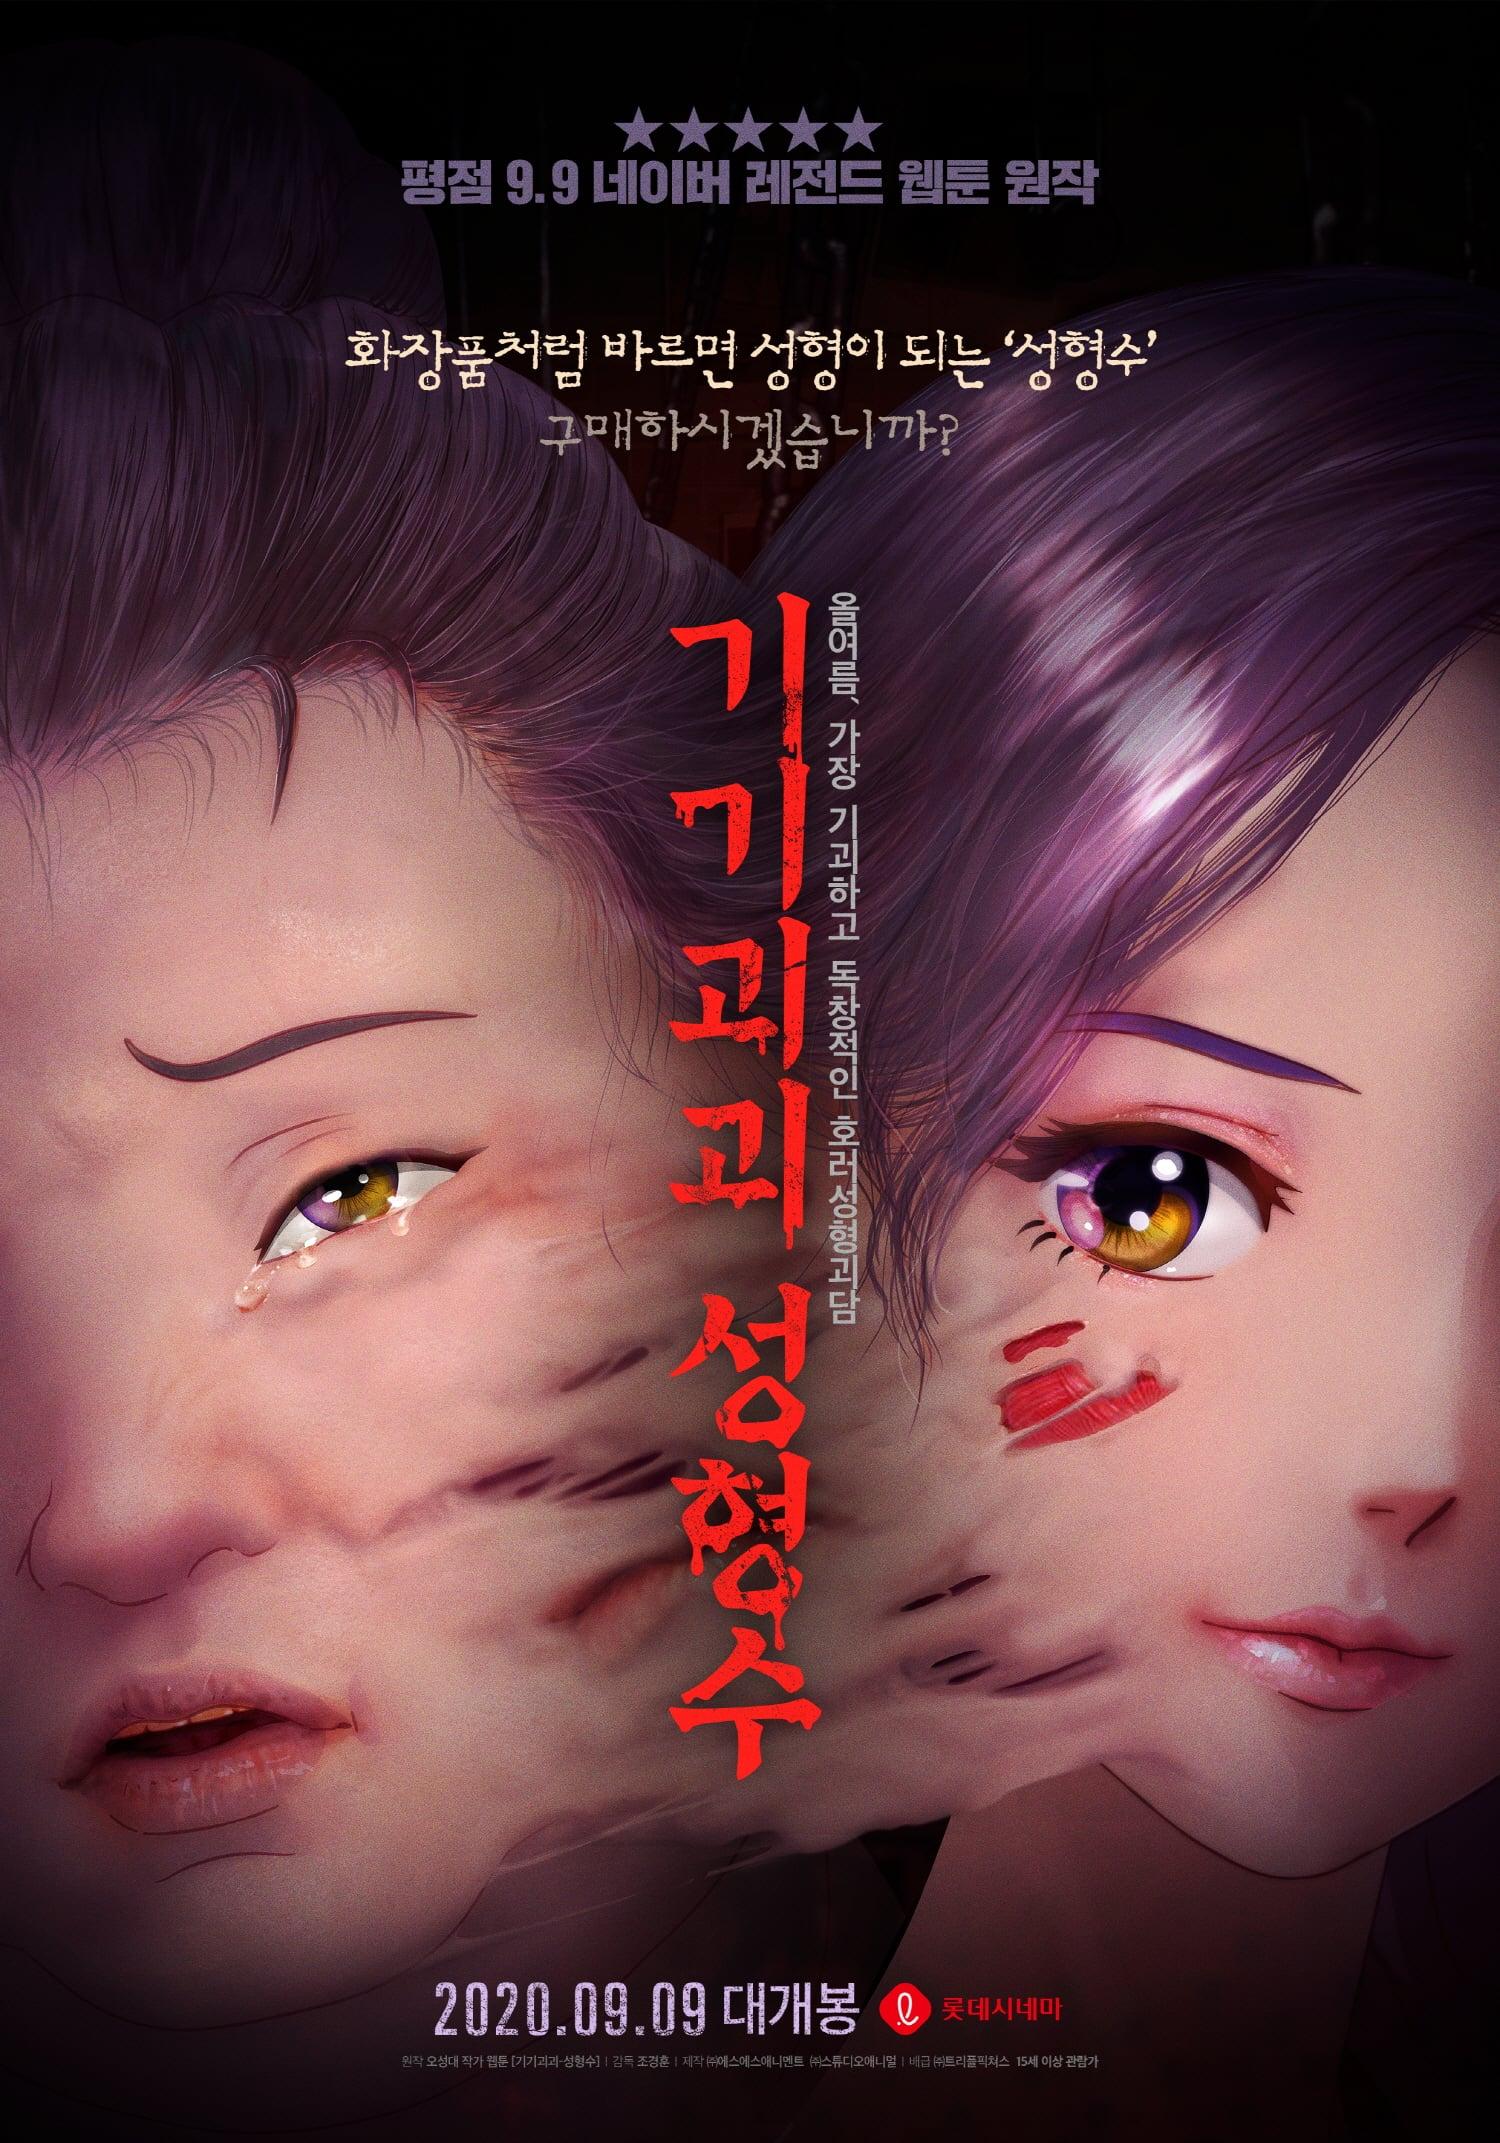 영화 '기기괴괴 성형수' 포스터. 사진 트리플픽쳐스